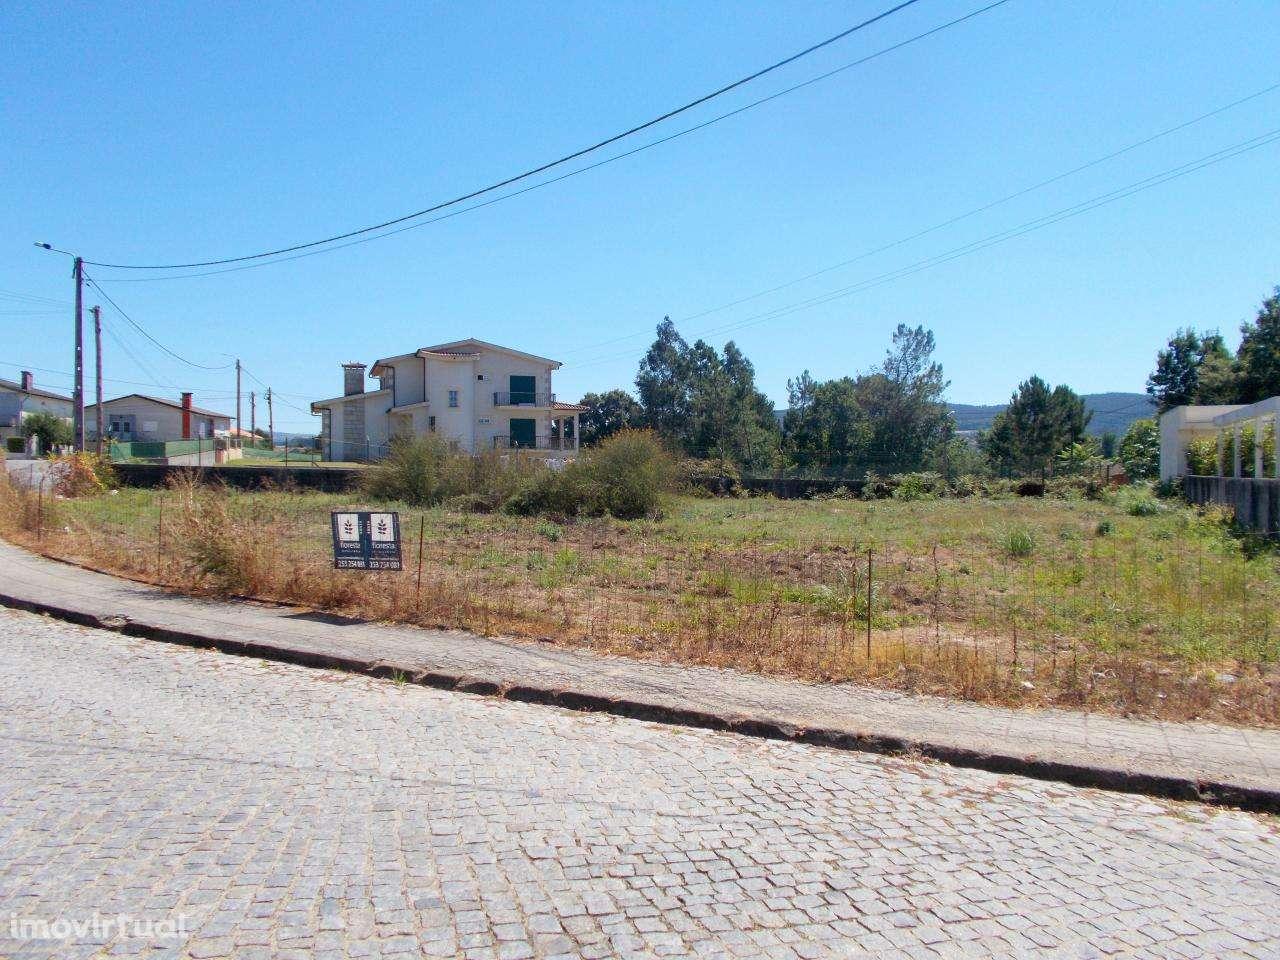 Terreno para comprar, Mire de Tibães, Braga - Foto 2